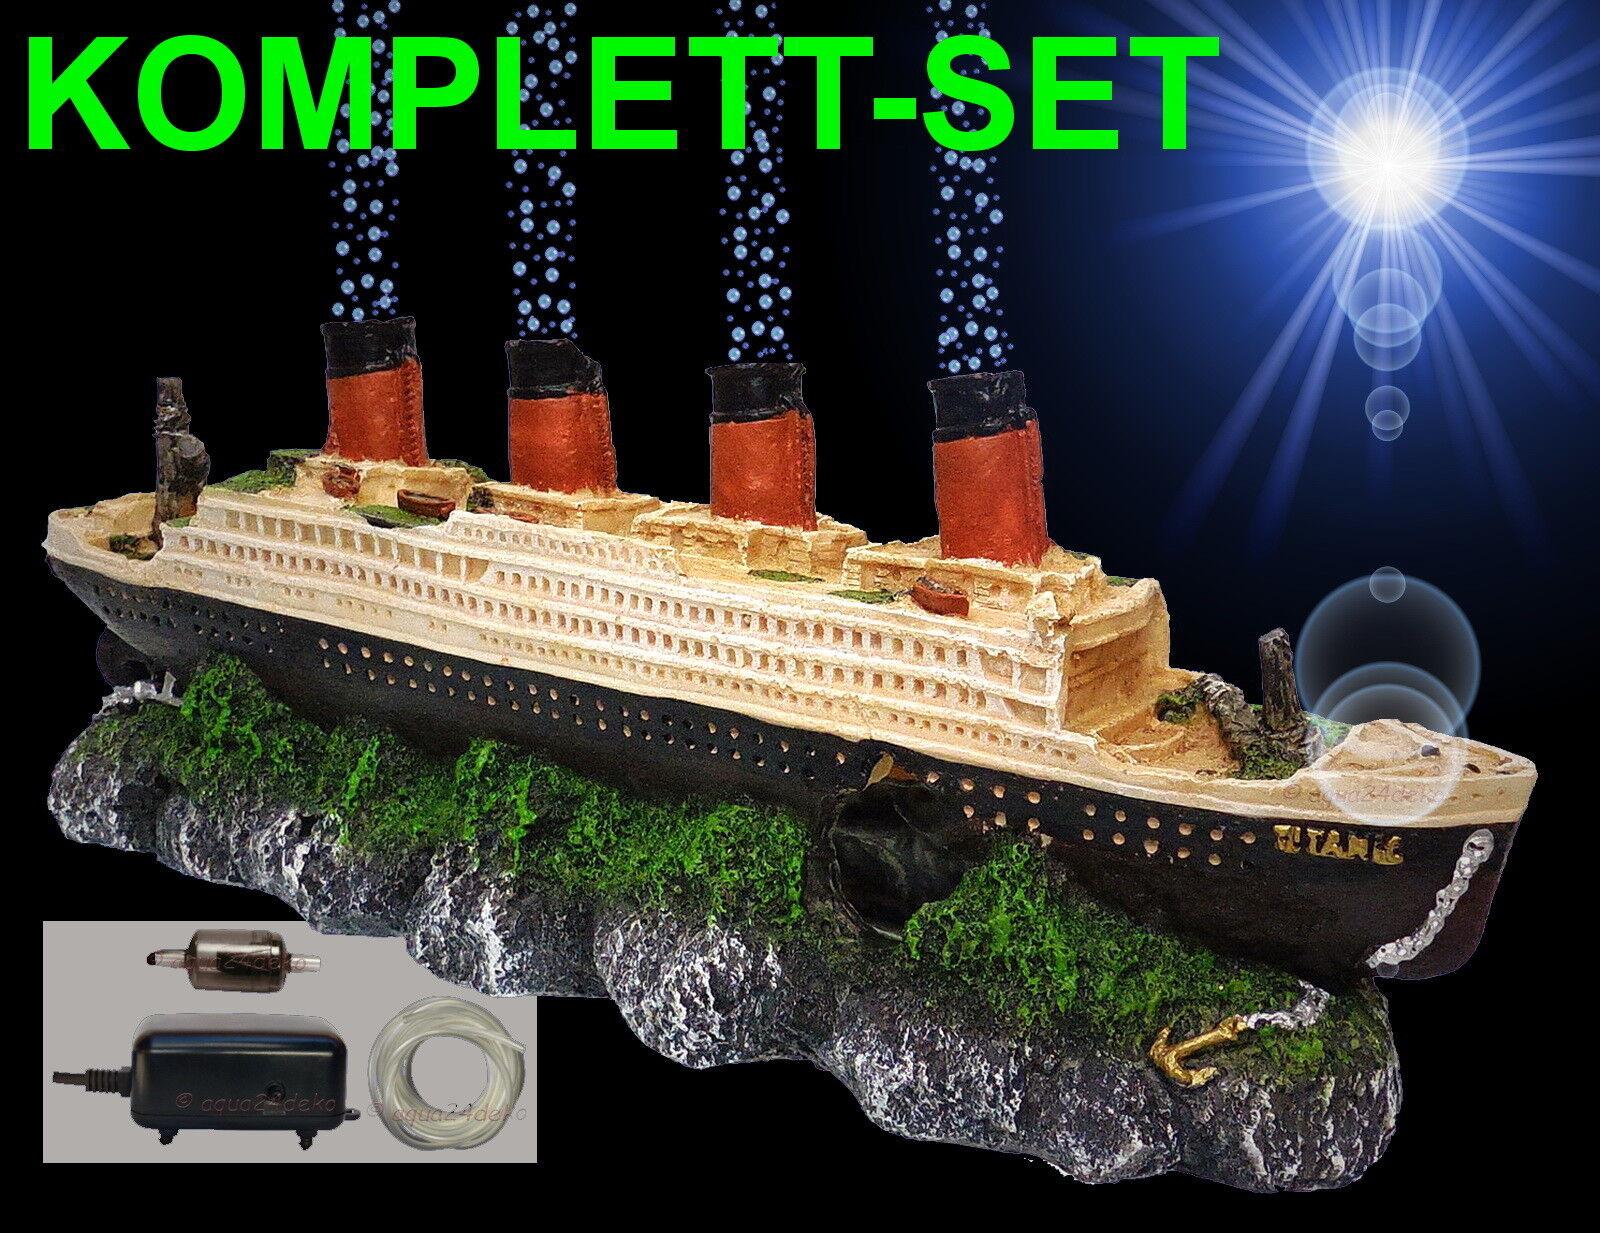 komplett Set ! ! 🍀 TITANIC ➕ LUFTPUMPE 🍀 ➕ Zubehör Aquarium Deko Schiffswrack